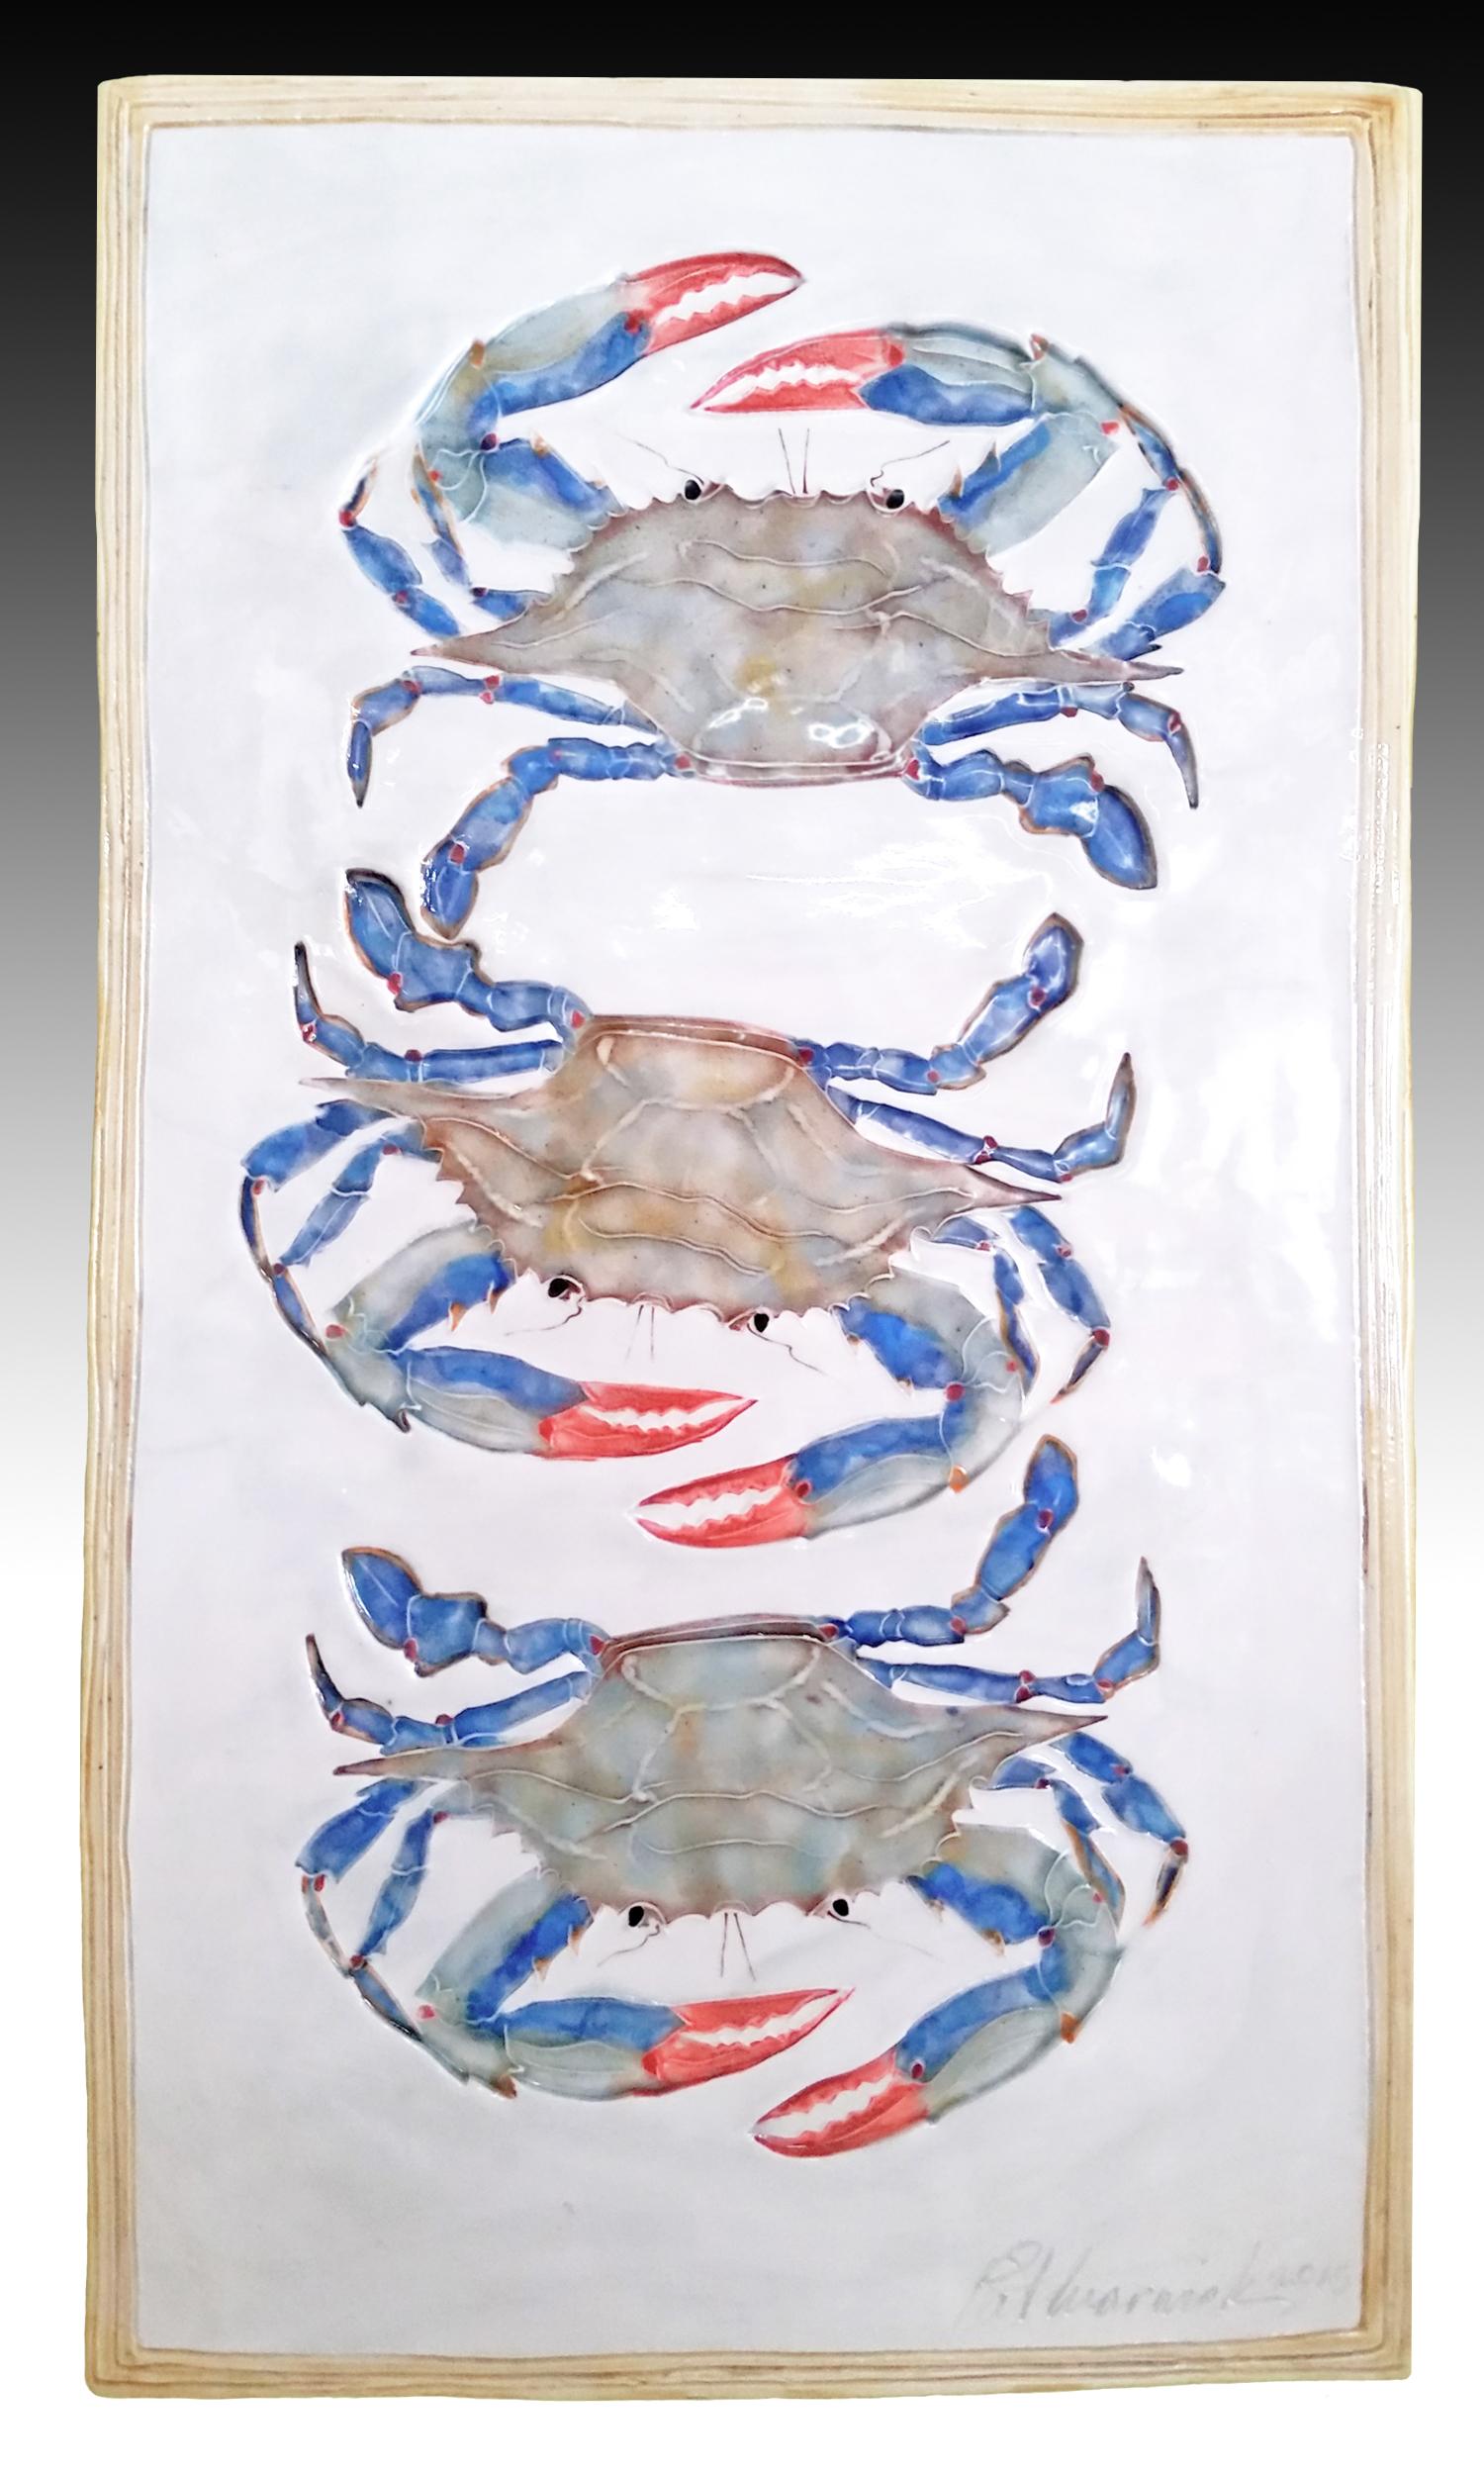 climbing crabs